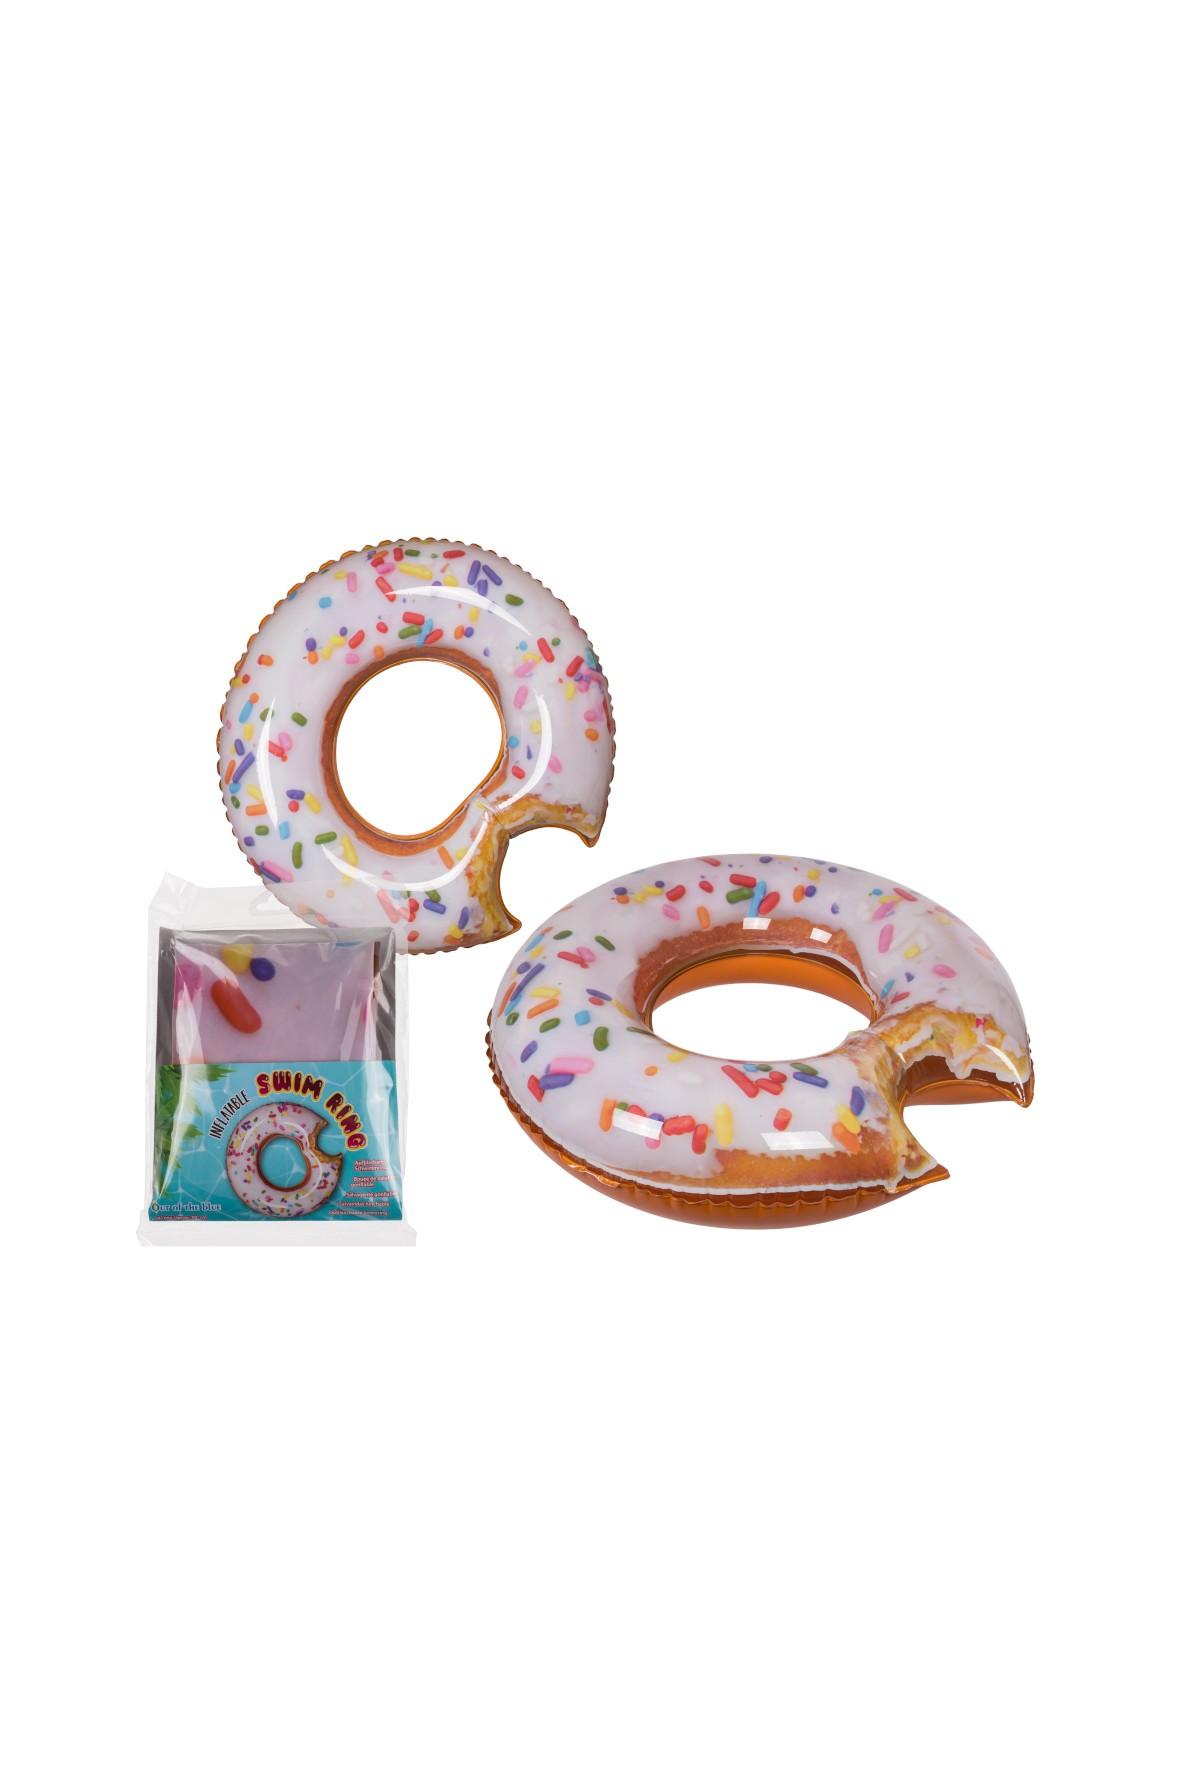 Koło do pływania - nadgryziony lukrowany donut - 19x2x26 cm